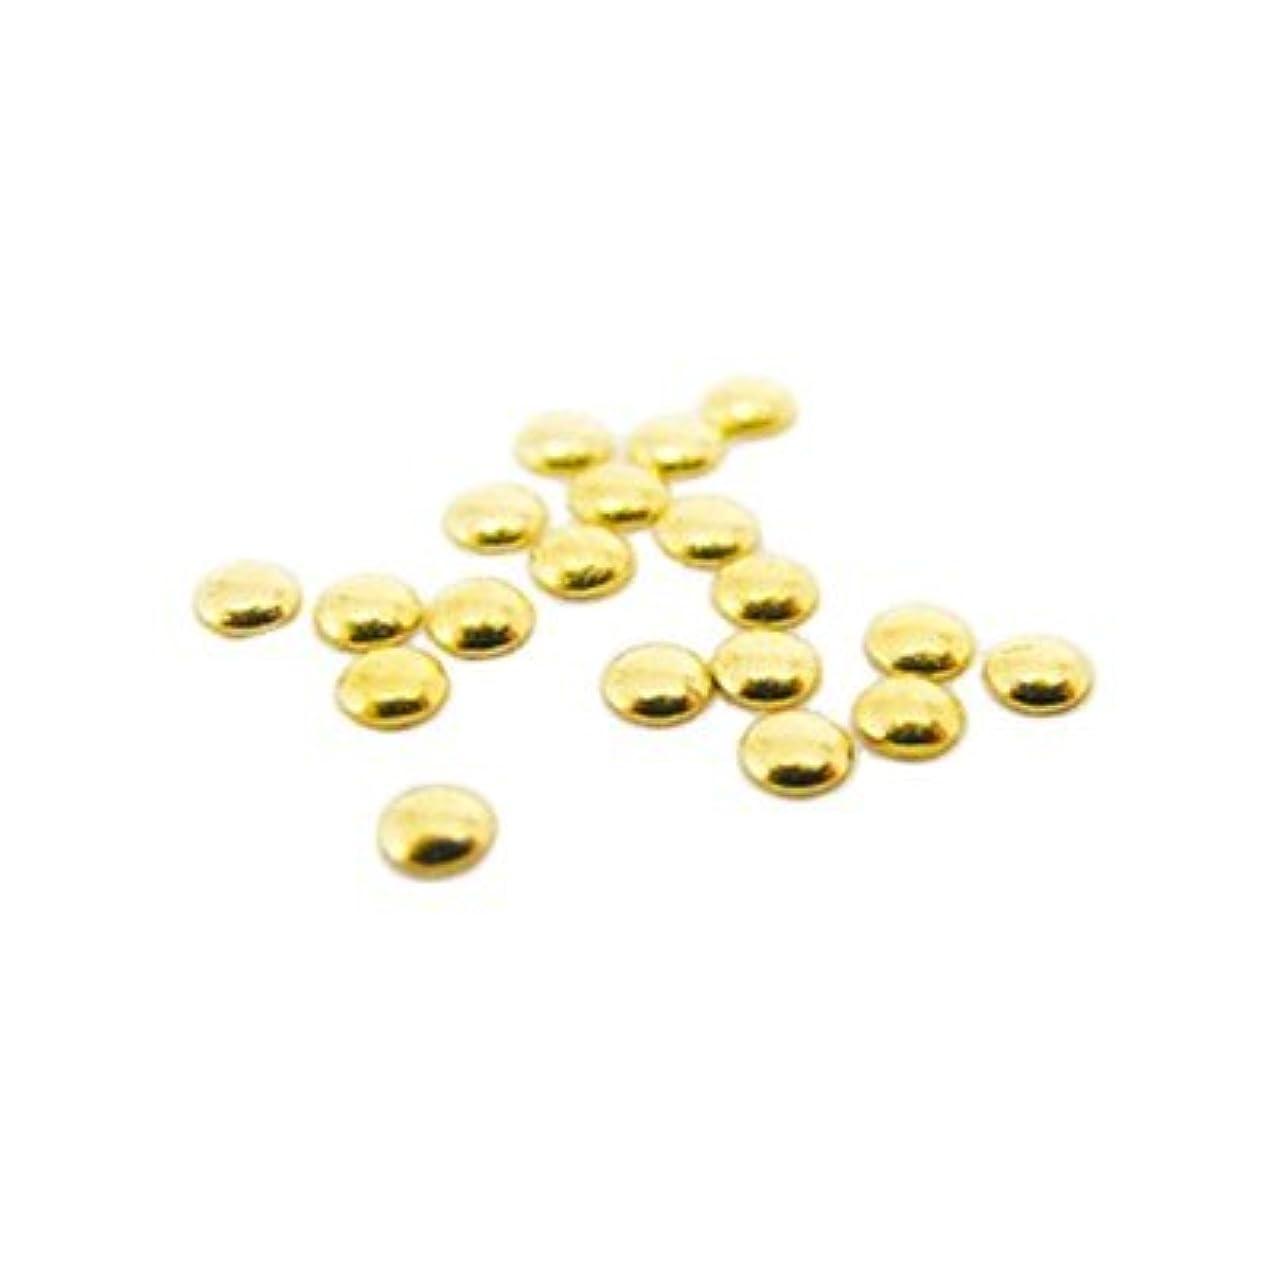 リラックスした無知ゴミピアドラ スタッズ 0.8mm 500P ゴールド